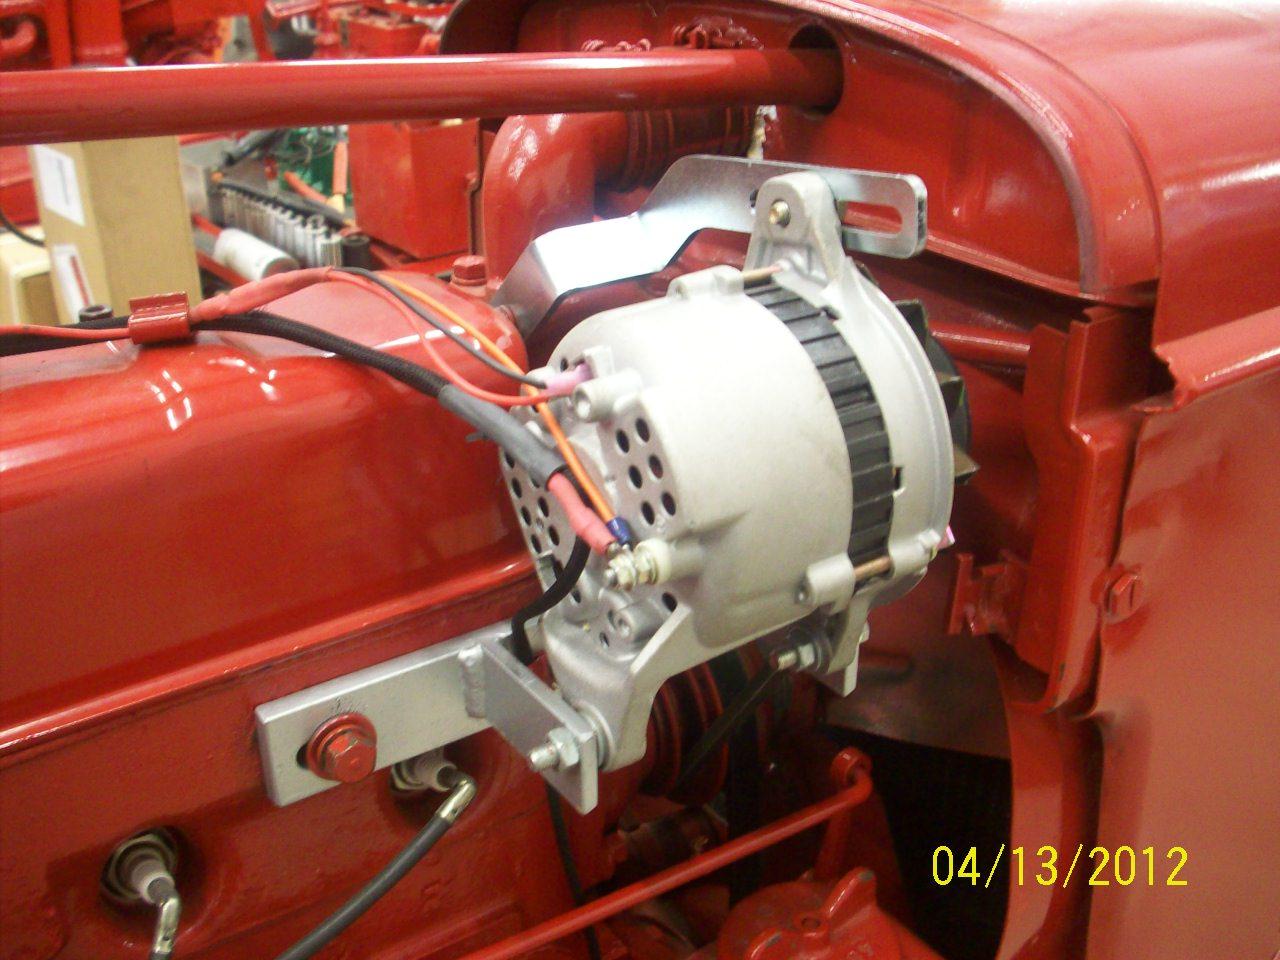 1948 farmall h wiring diagram bc 0036  farmall tractor wiring diagram also farmall 12 volt  farmall tractor wiring diagram also